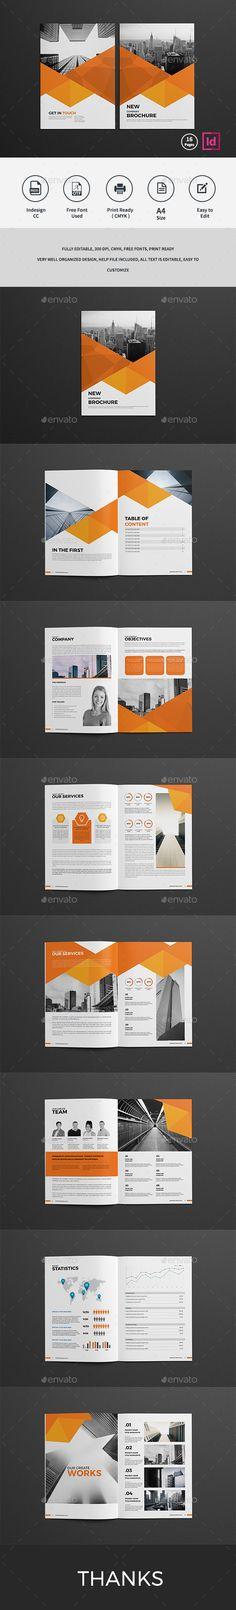 Company Profile Company profile, Profile and Brochures - brief company profile sample